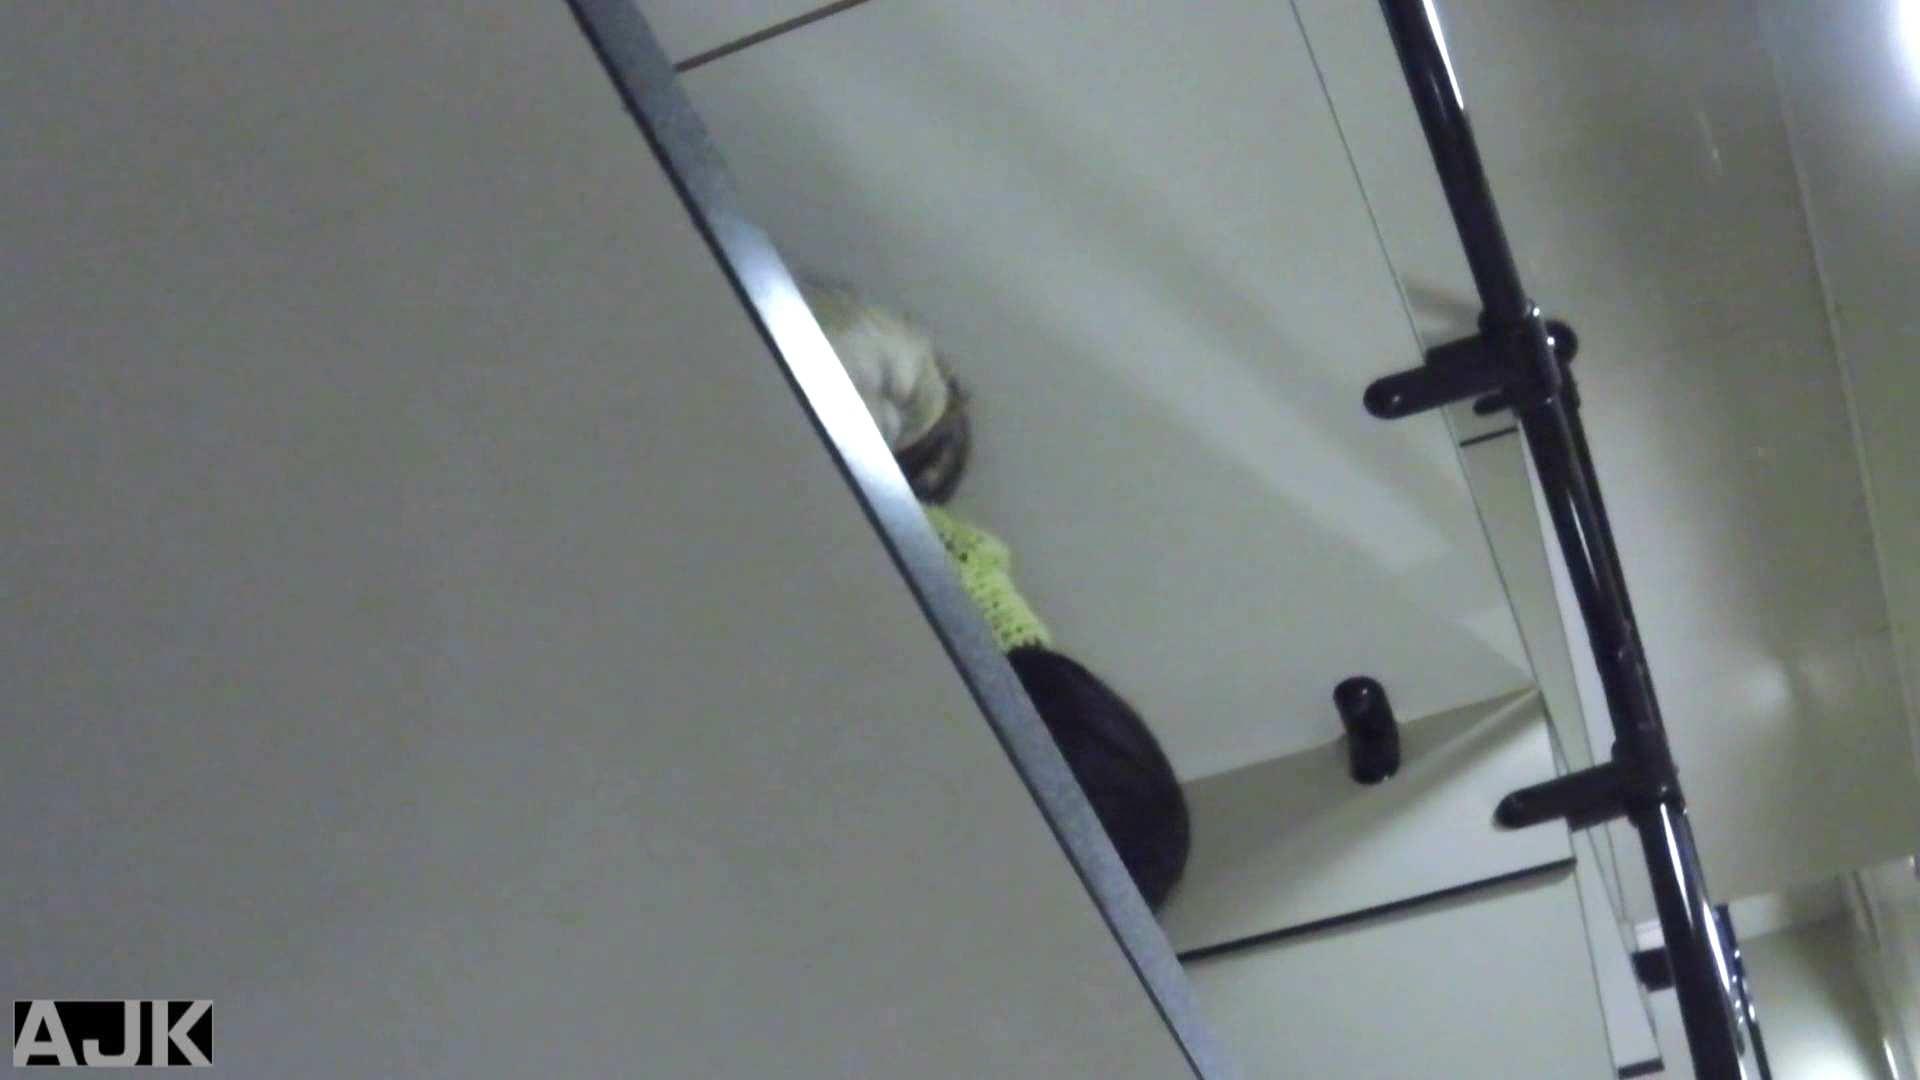 隣国上階級エリアの令嬢たちが集うデパートお手洗い Vol.28 お手洗いの中 おめこ無修正動画無料 103枚 18